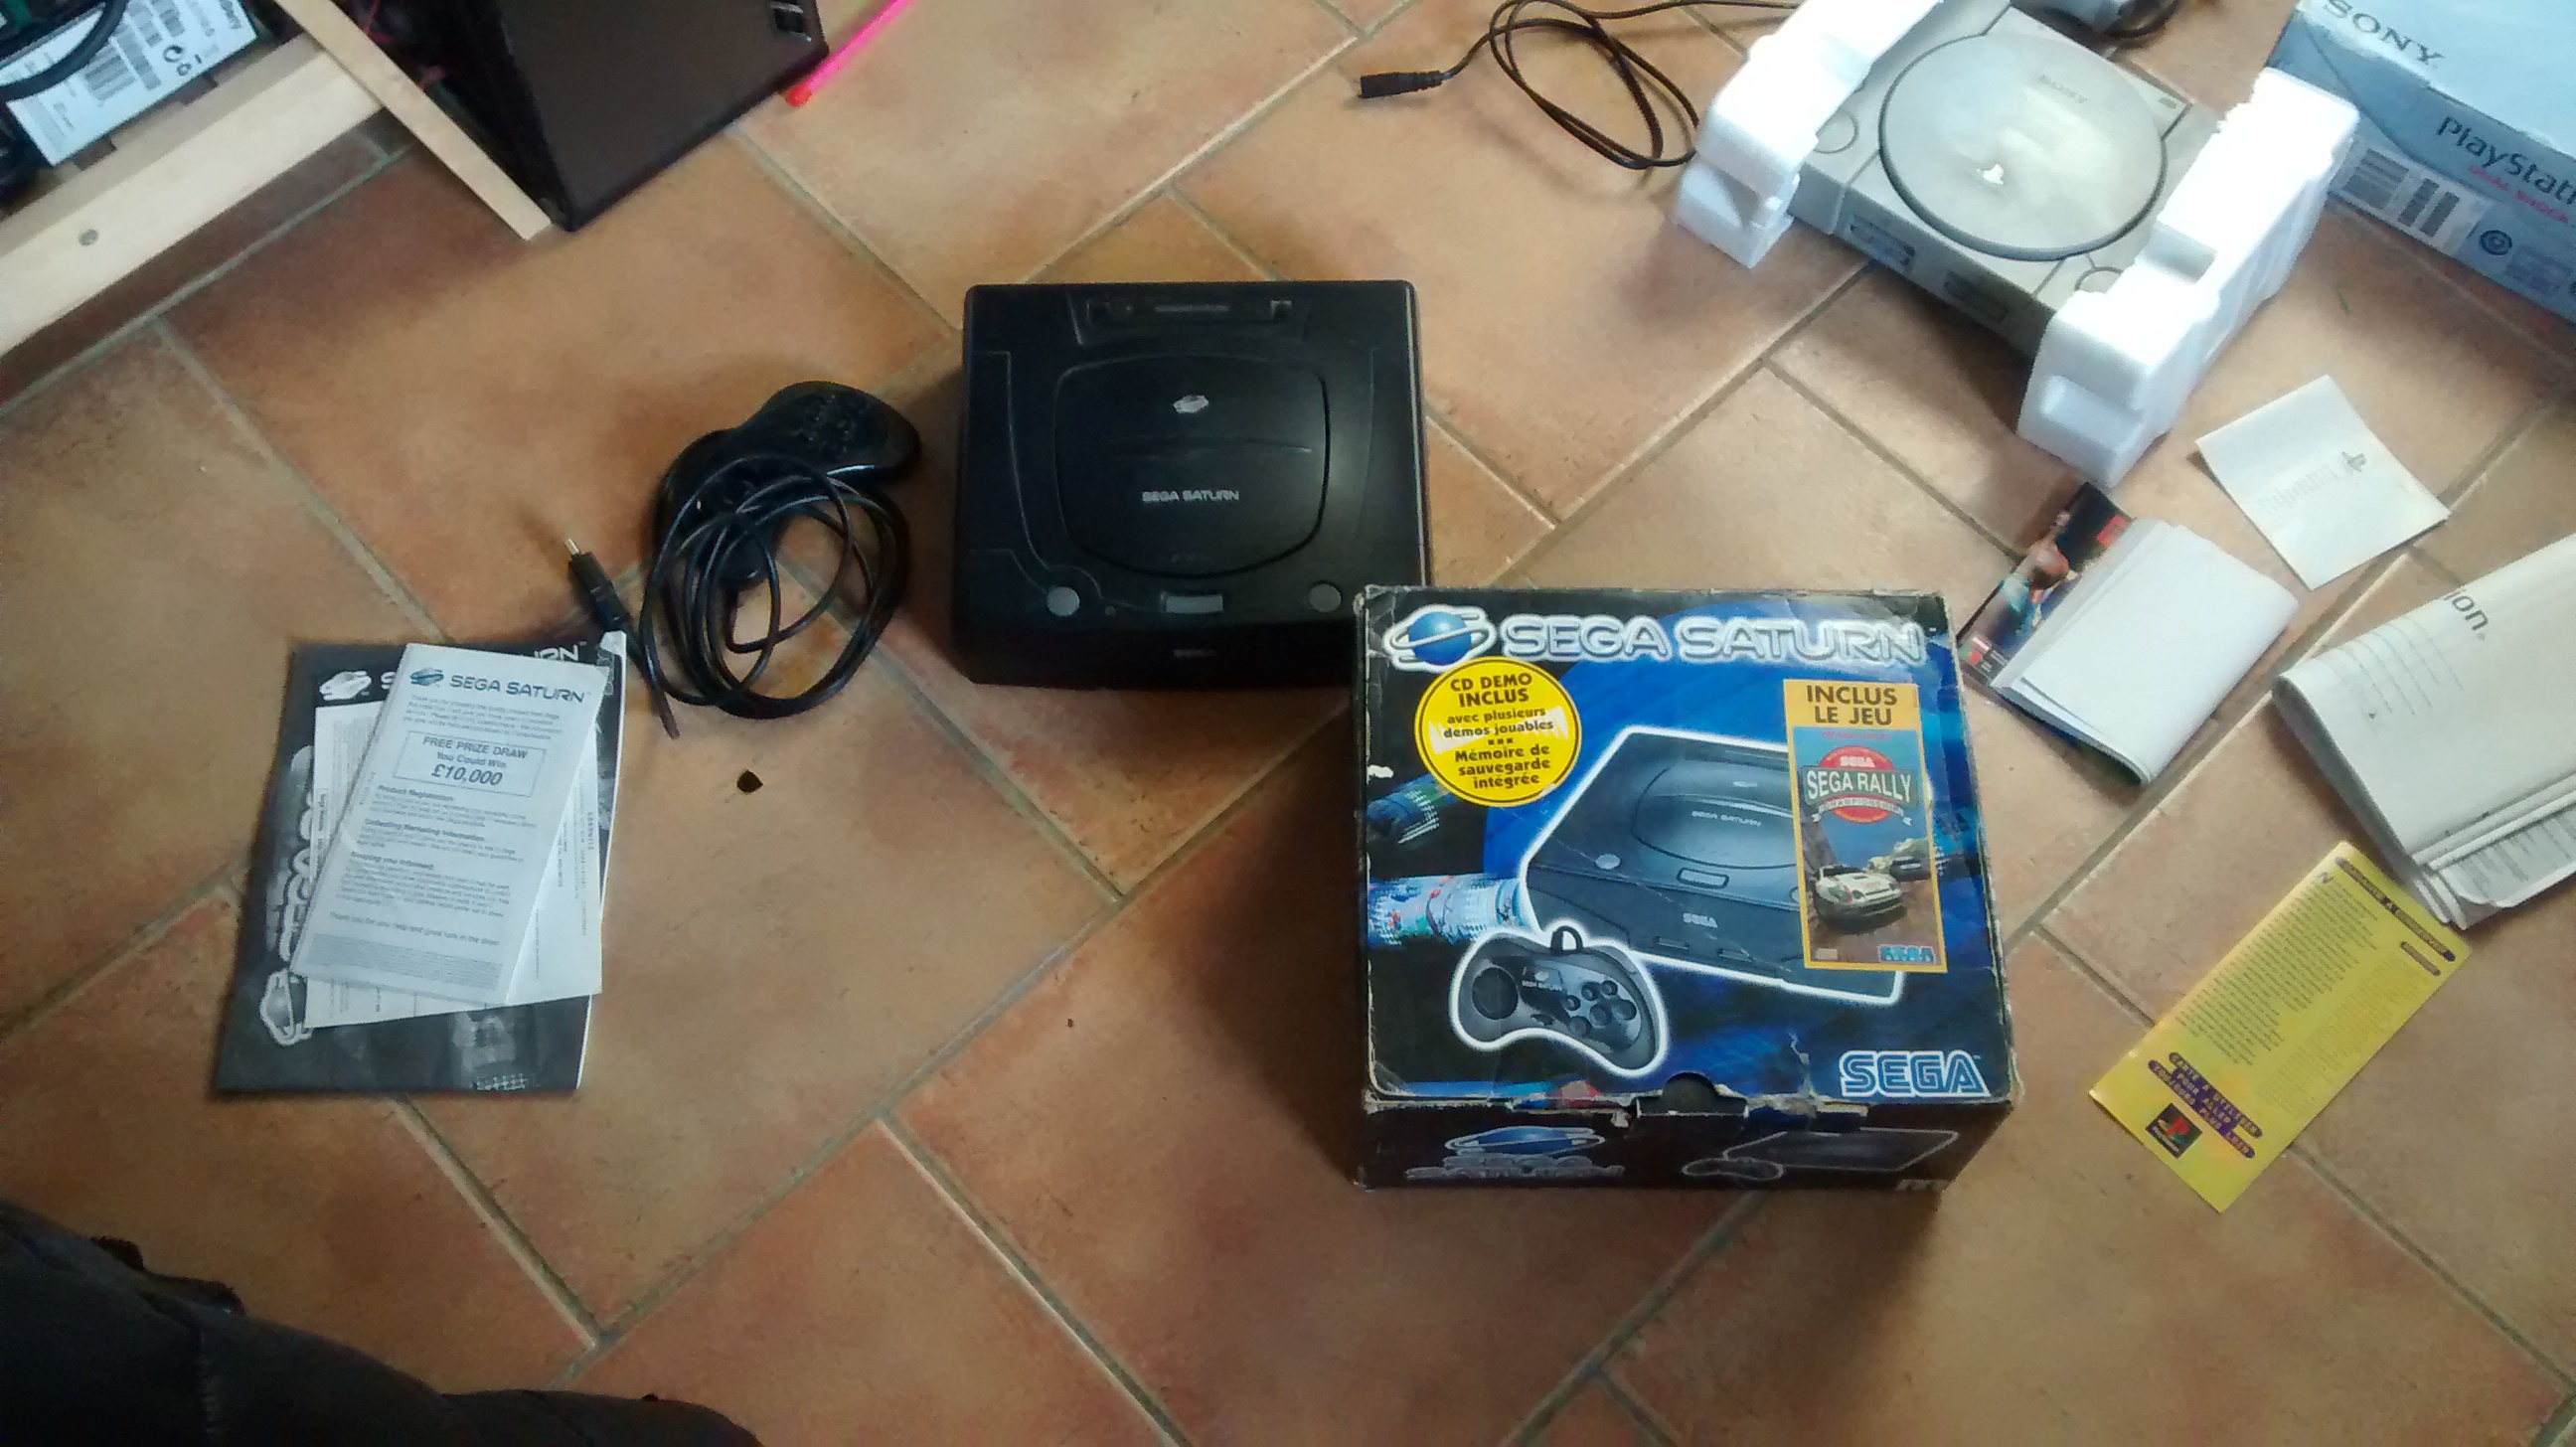 [Vds] Lot Dreamcast - MS/MD et Saturn Update 18/01 ajout Jeux Sat Jap 649492IMG20160123164550447